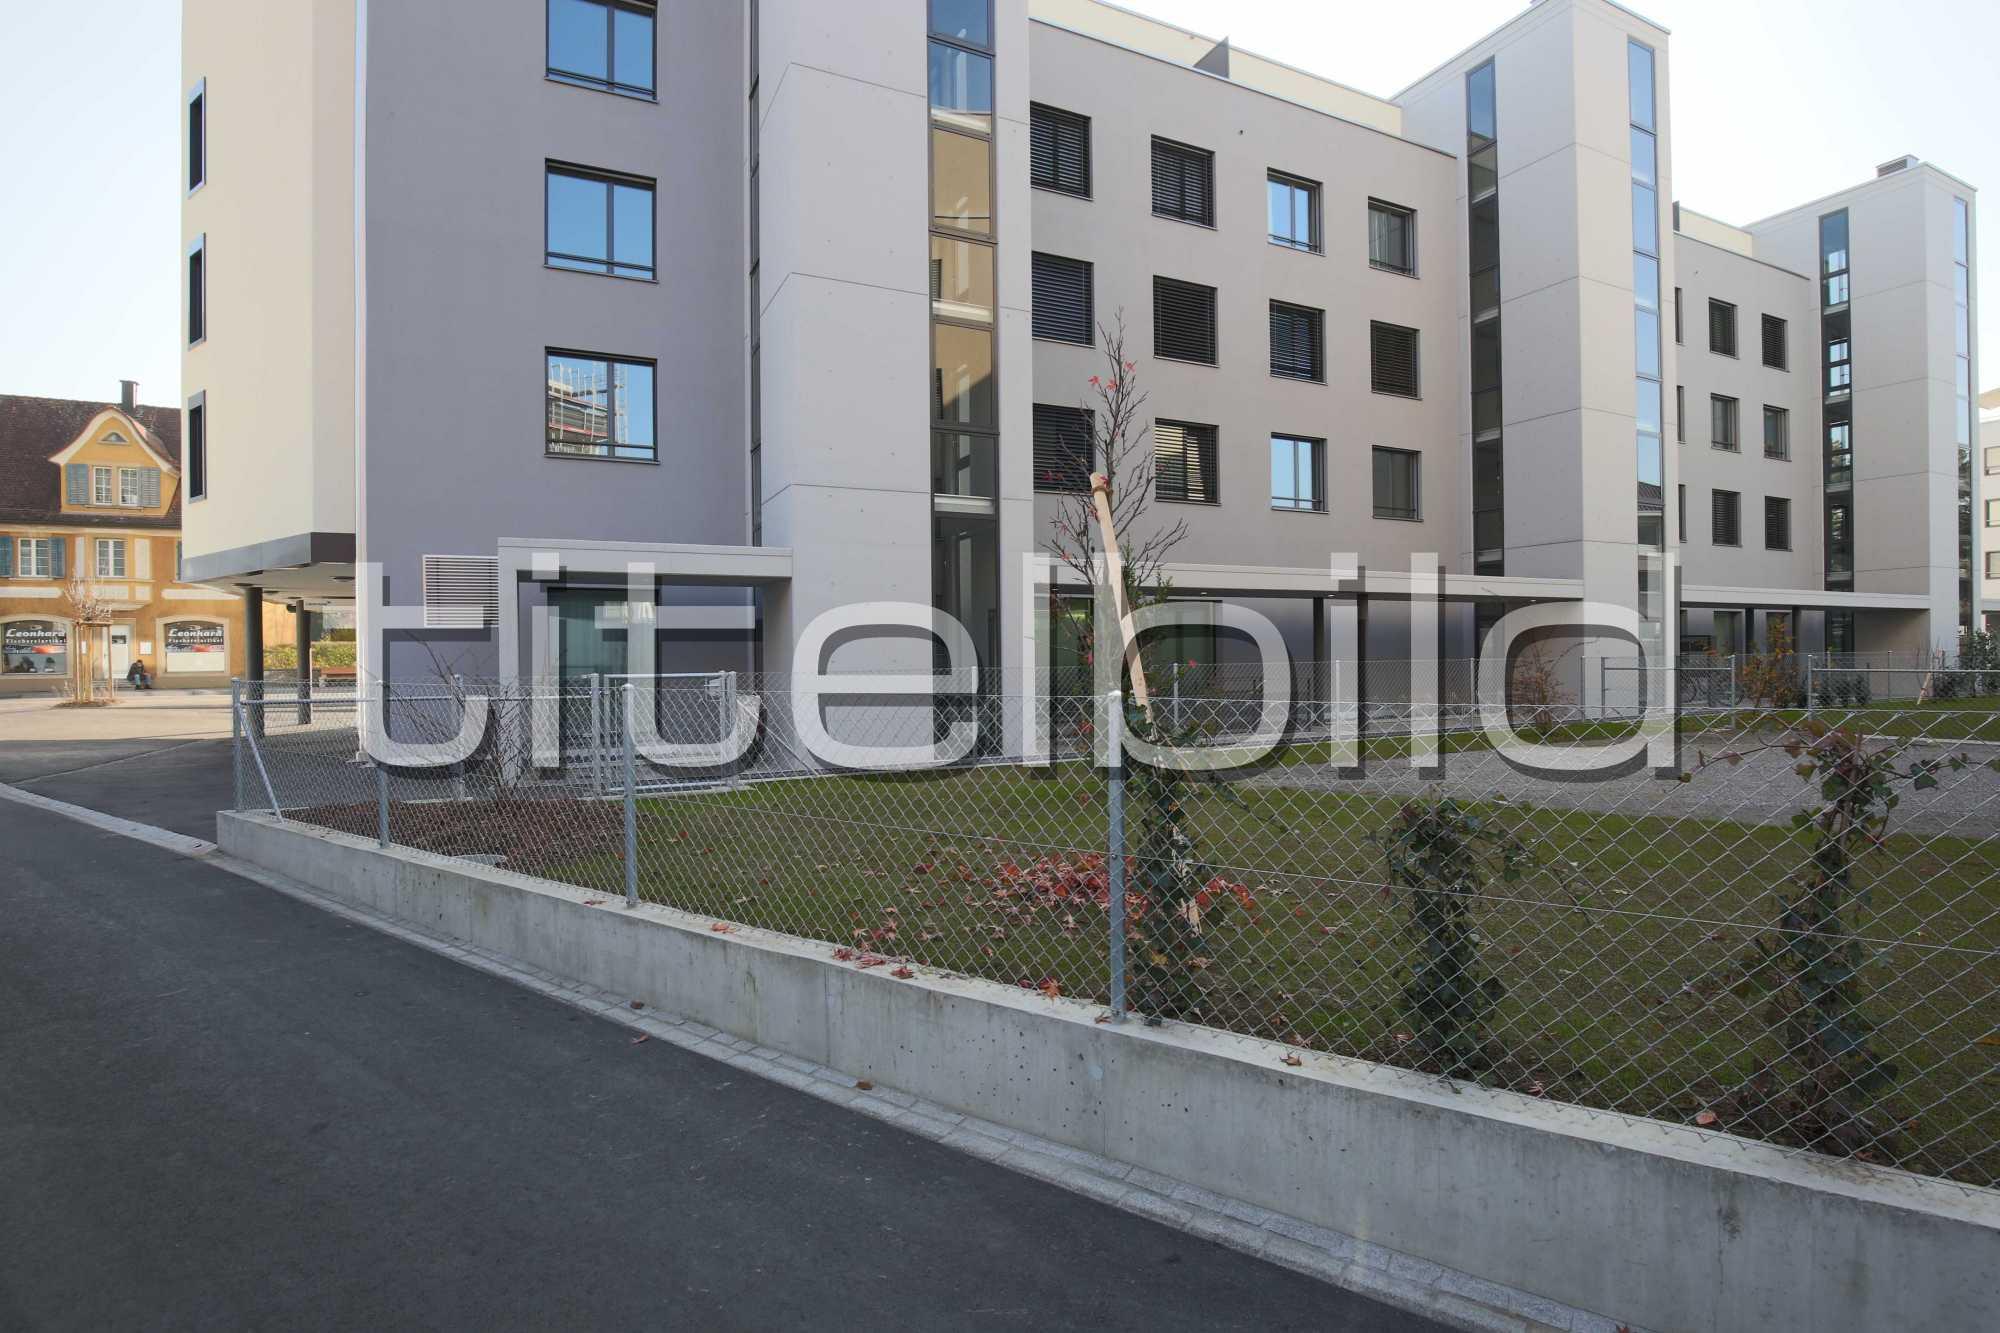 Projektbild-Nr. 3: Wohn- und Geschäftshaus